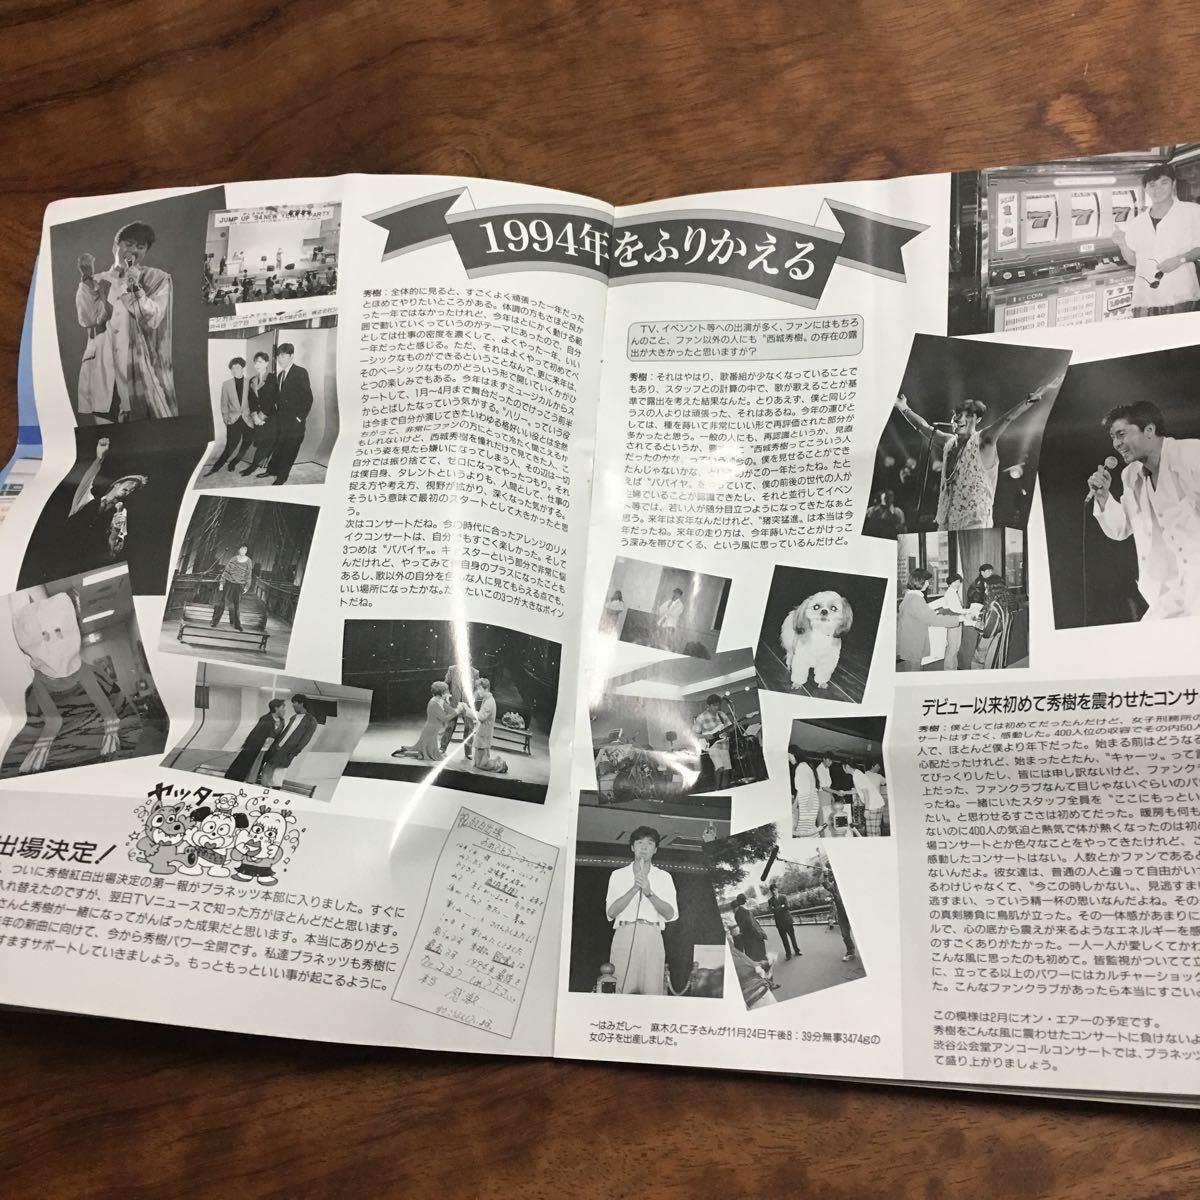 西城秀樹 ファンクラブ会報誌 DUET 1994 vol 39_画像3